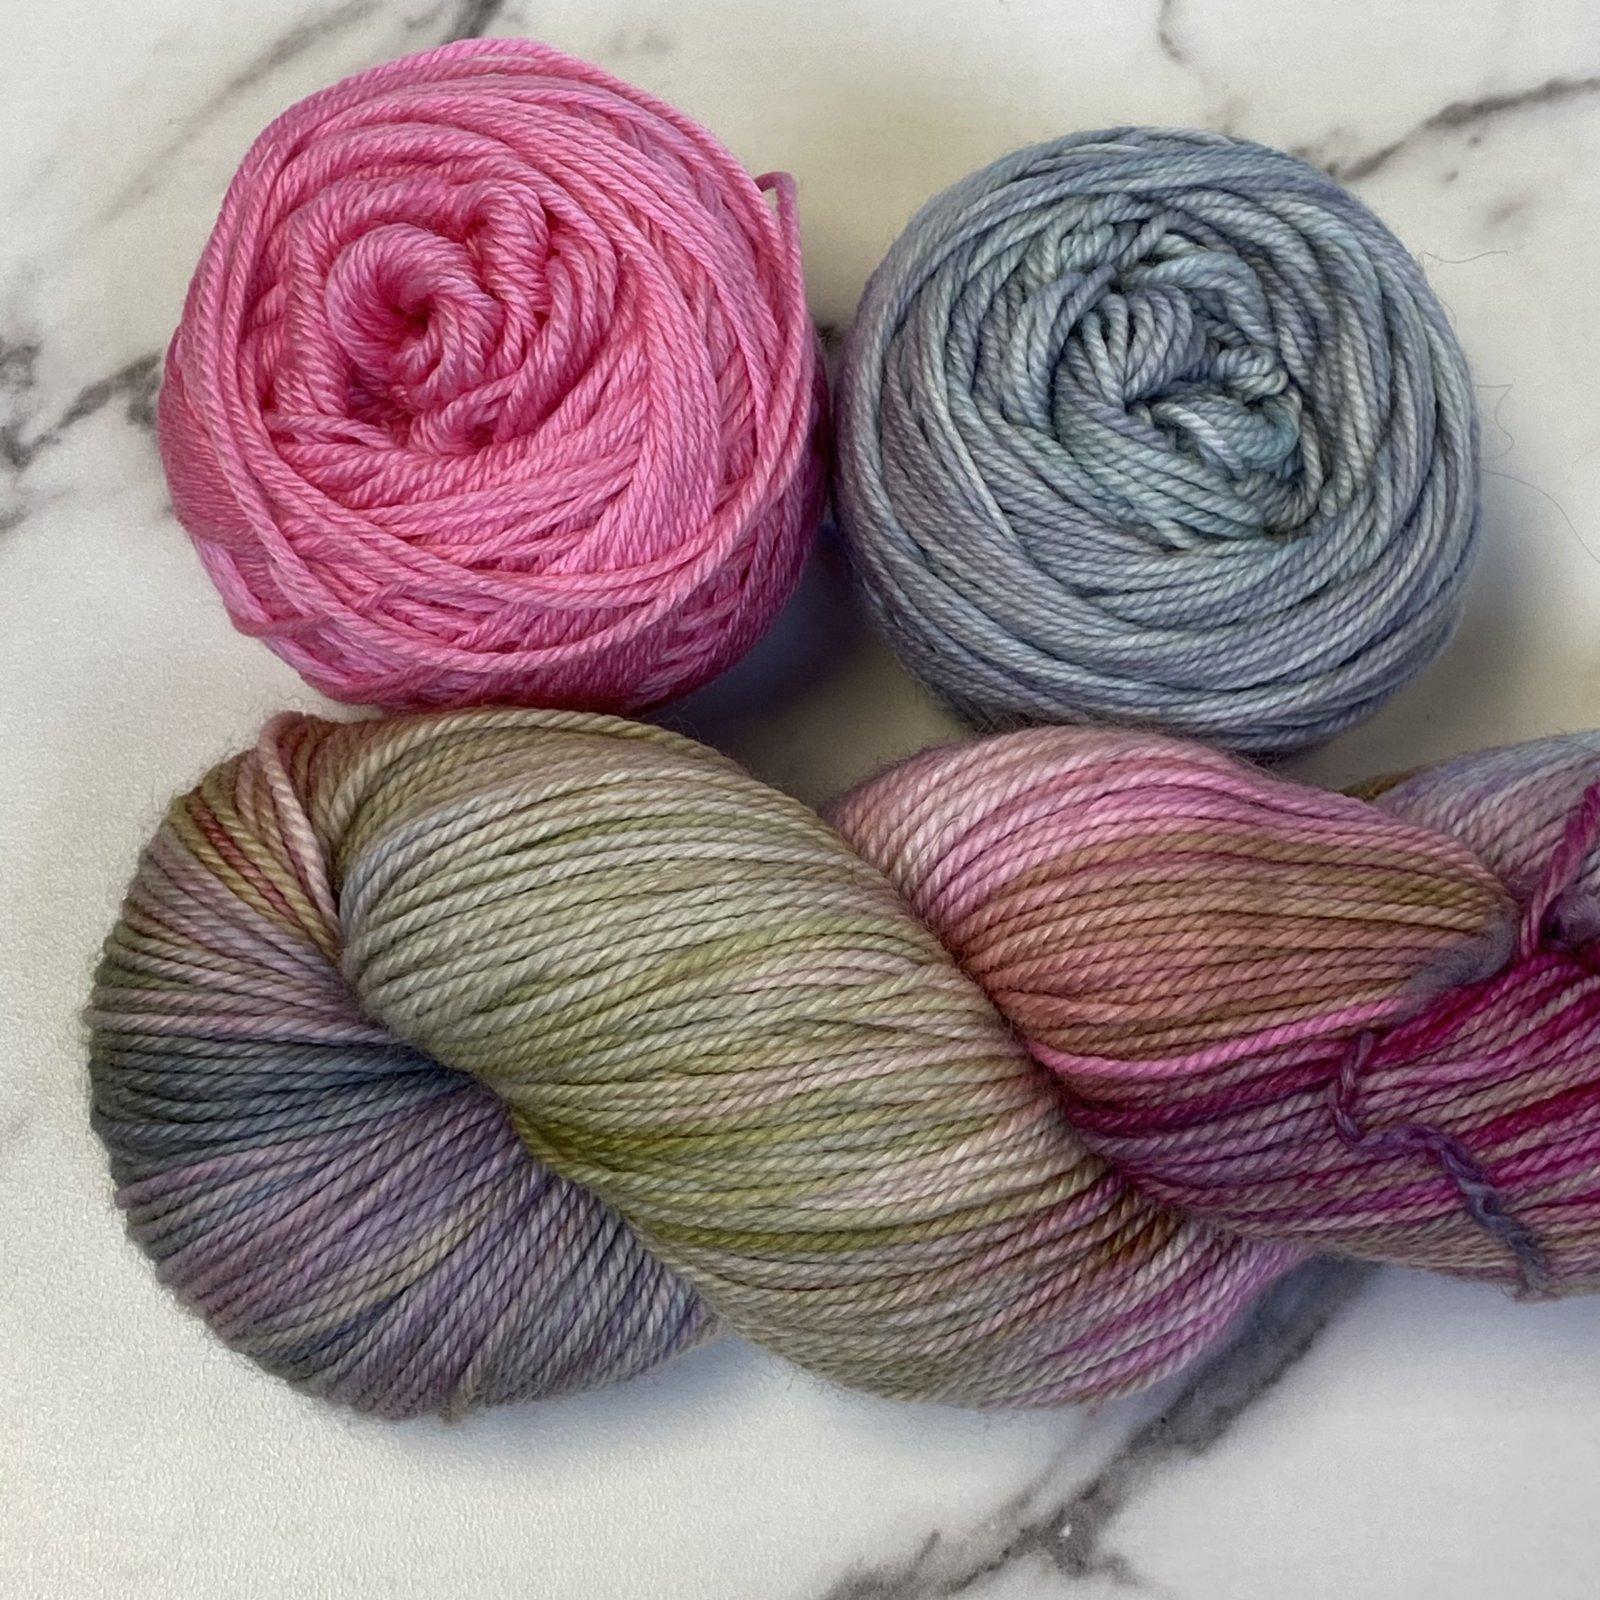 Raspberry Cordial Shawlette Kit - Casapinka's Anne of Greene Gables KAL